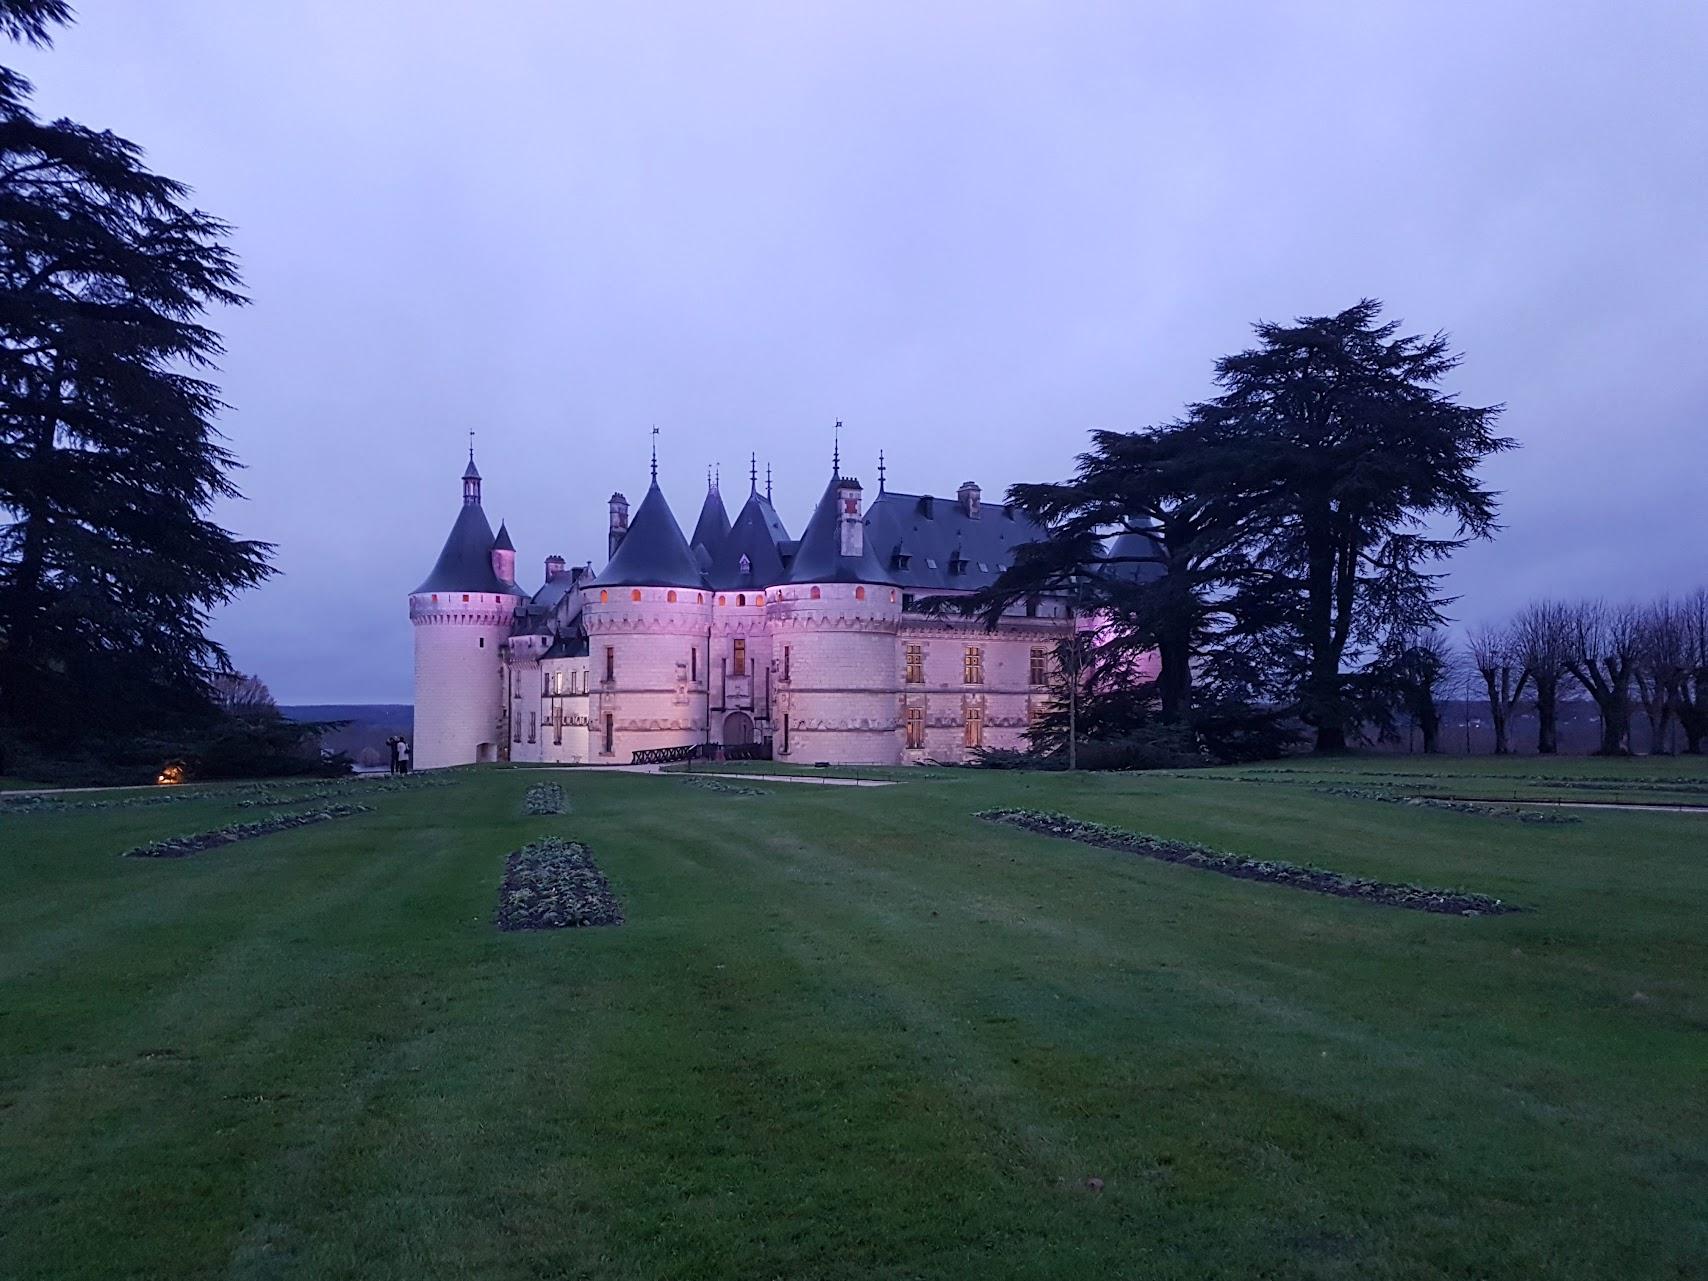 Castillos del Loira. Castillo de Chaumont